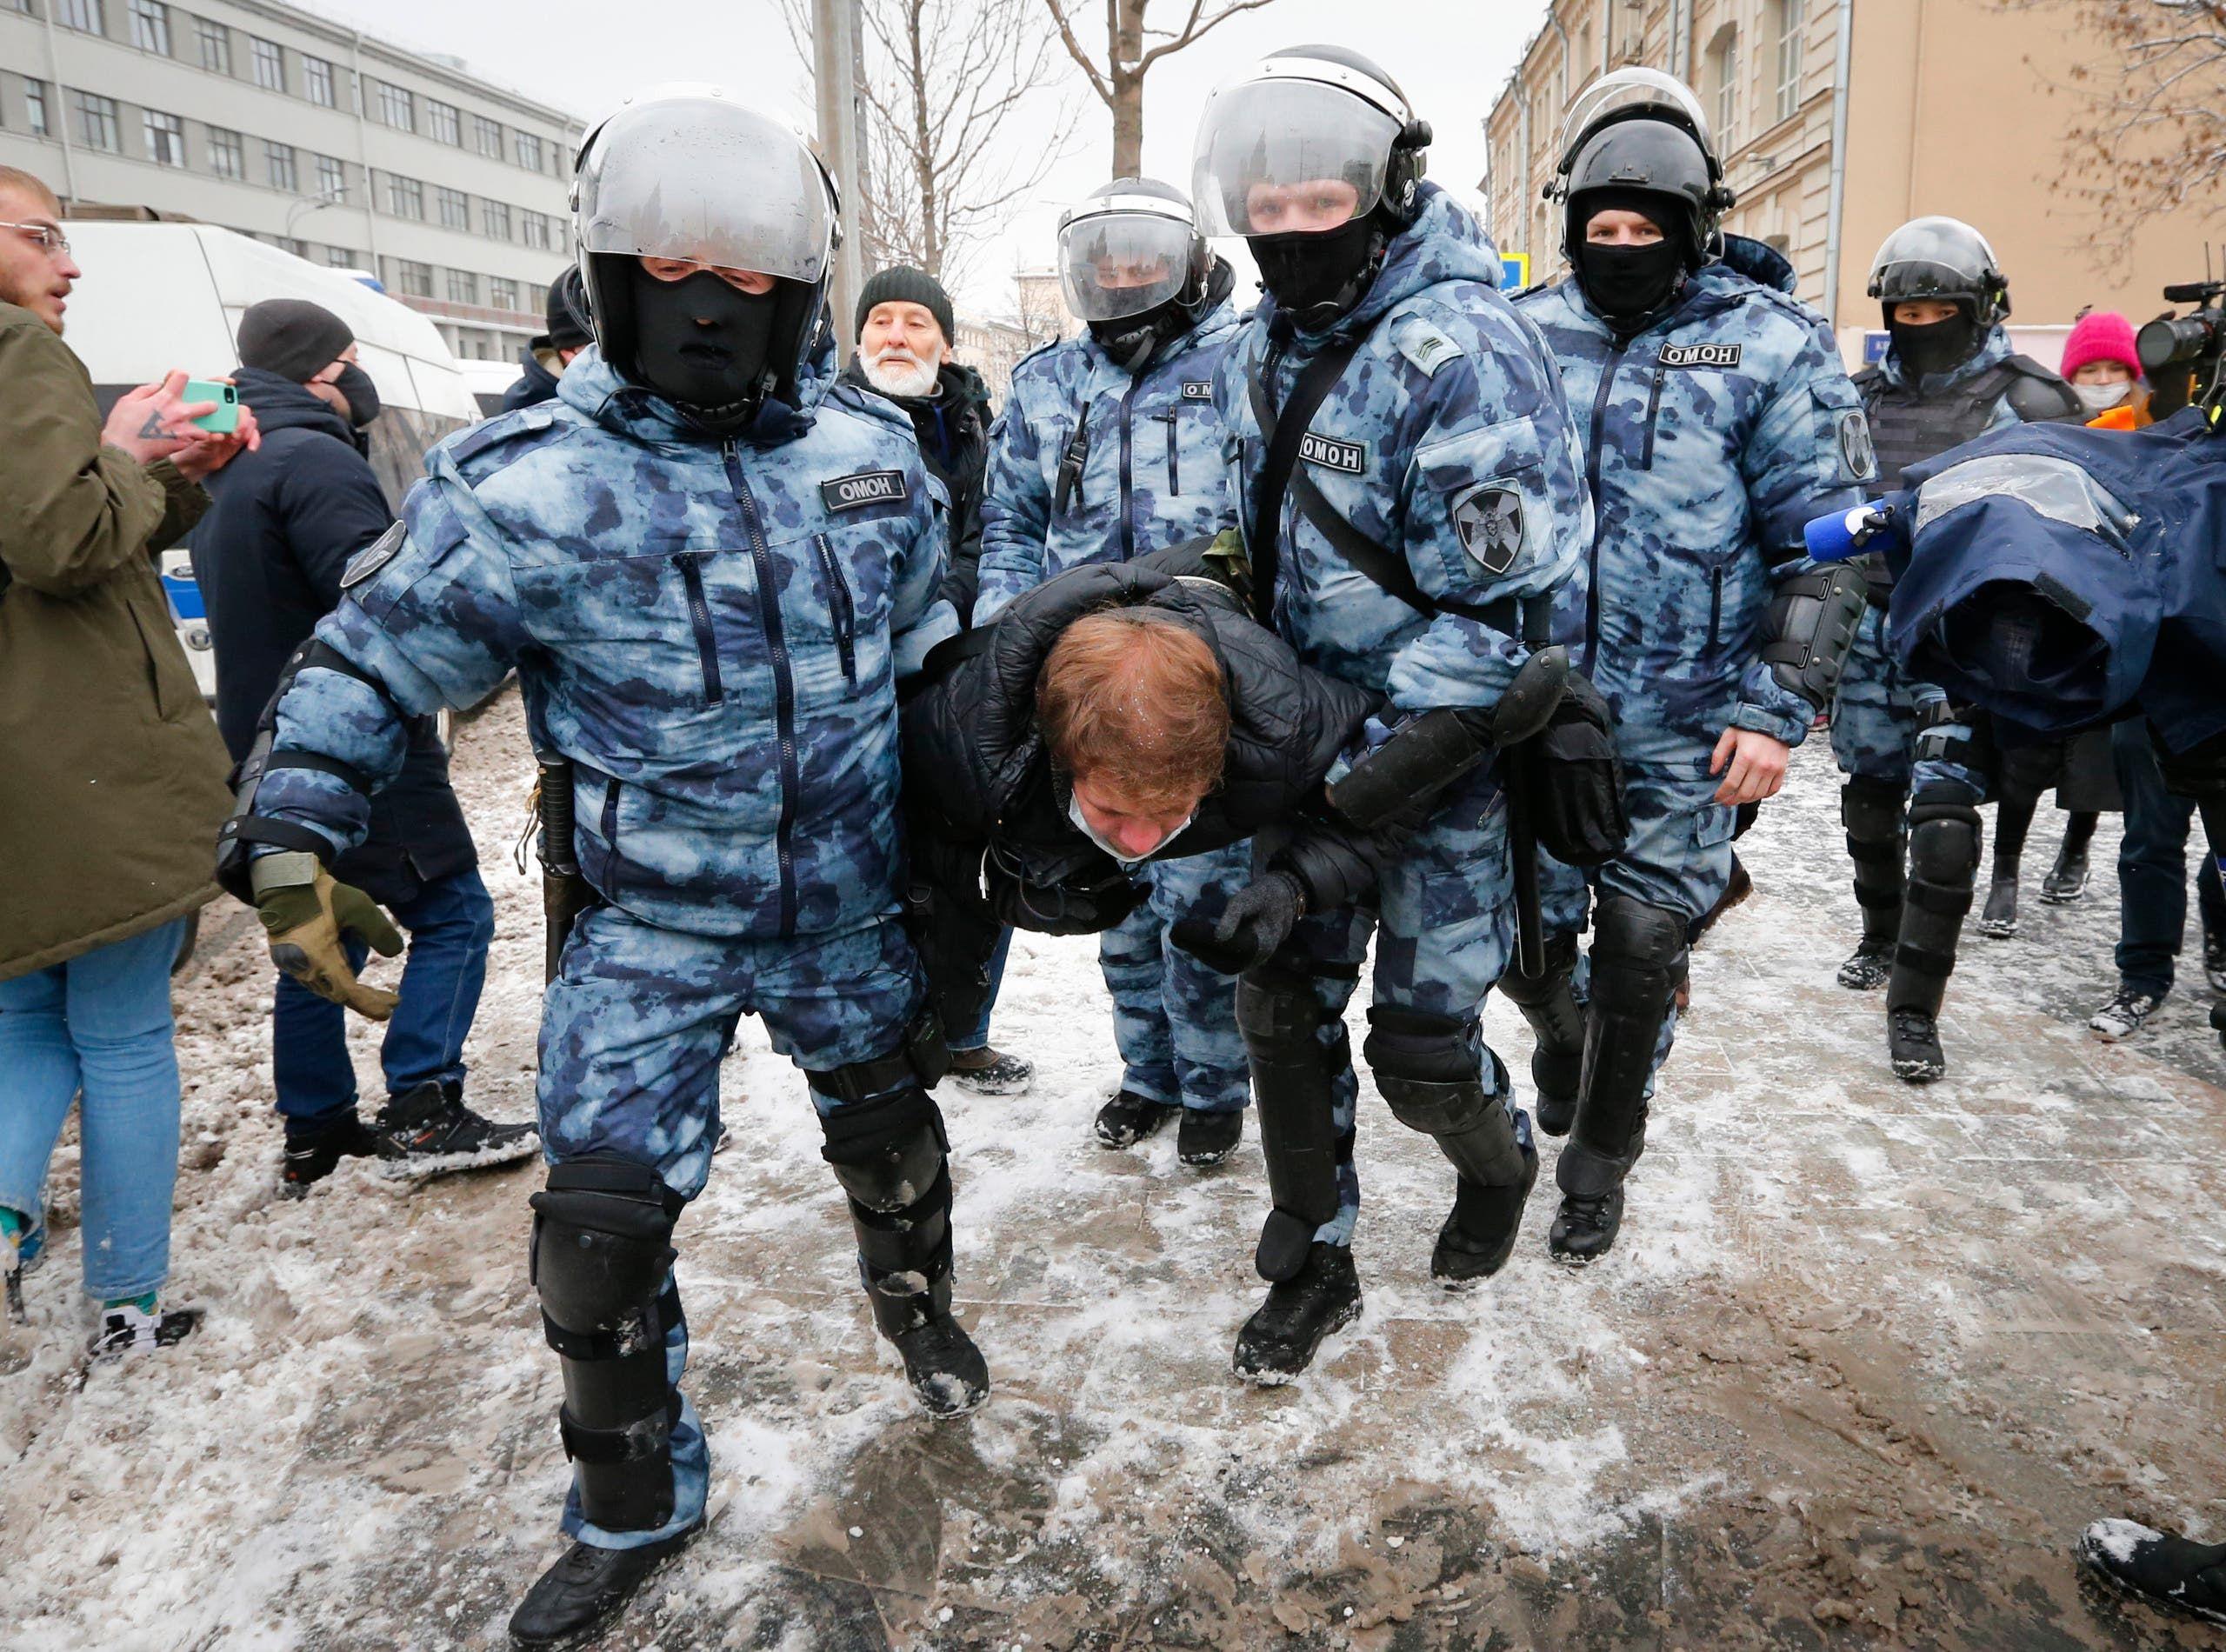 توقيفات خلال احتجاجات الأحد الماضي في موسكو